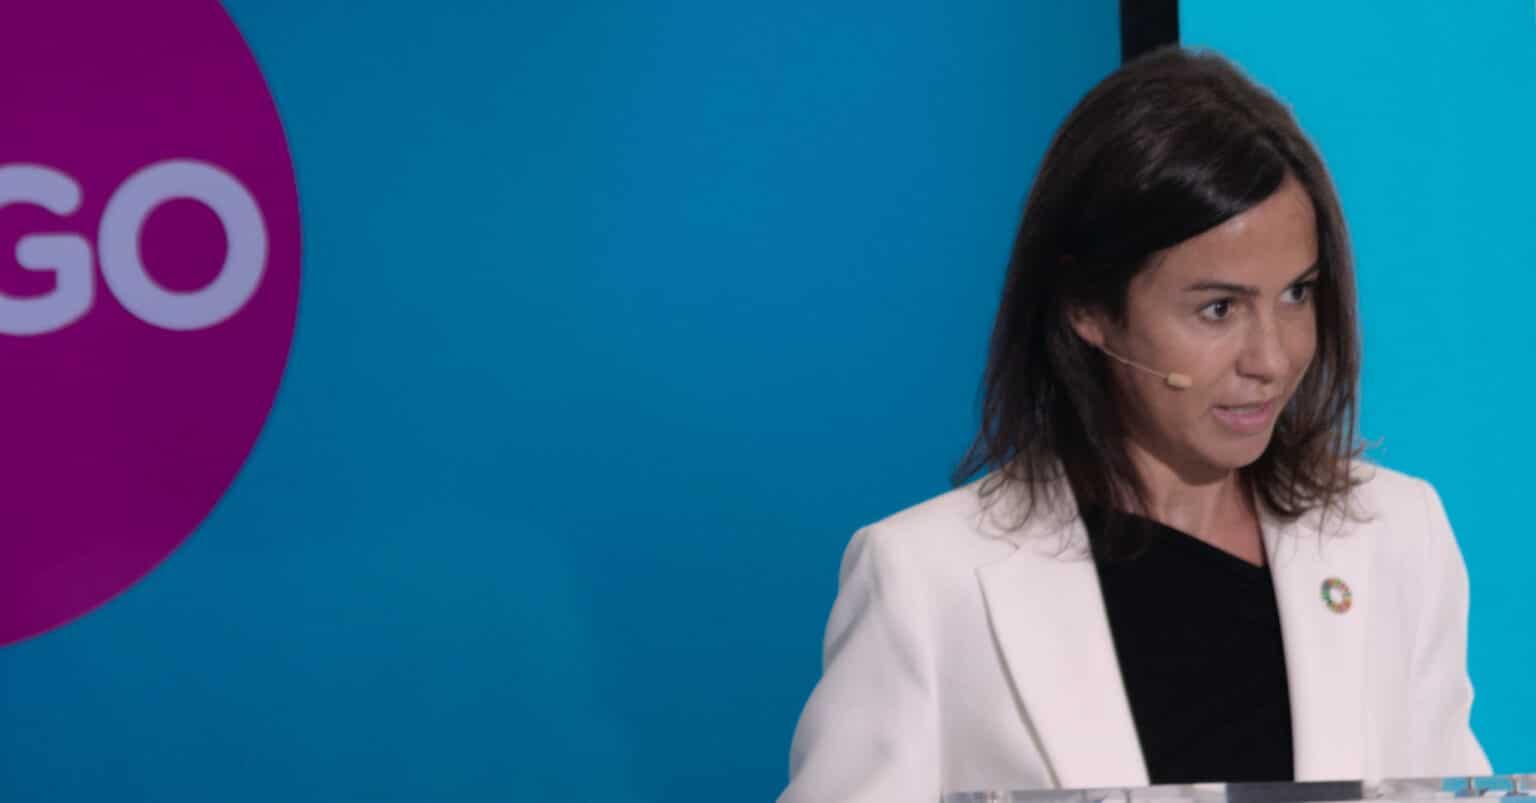 Isabel Pardo de Vera, nueva secretaria de Estado de Transportes, en la inauguración del Ouigo Madrid-Barcelona como presidenta de Adif. VÍCTOR CONTRERAS.